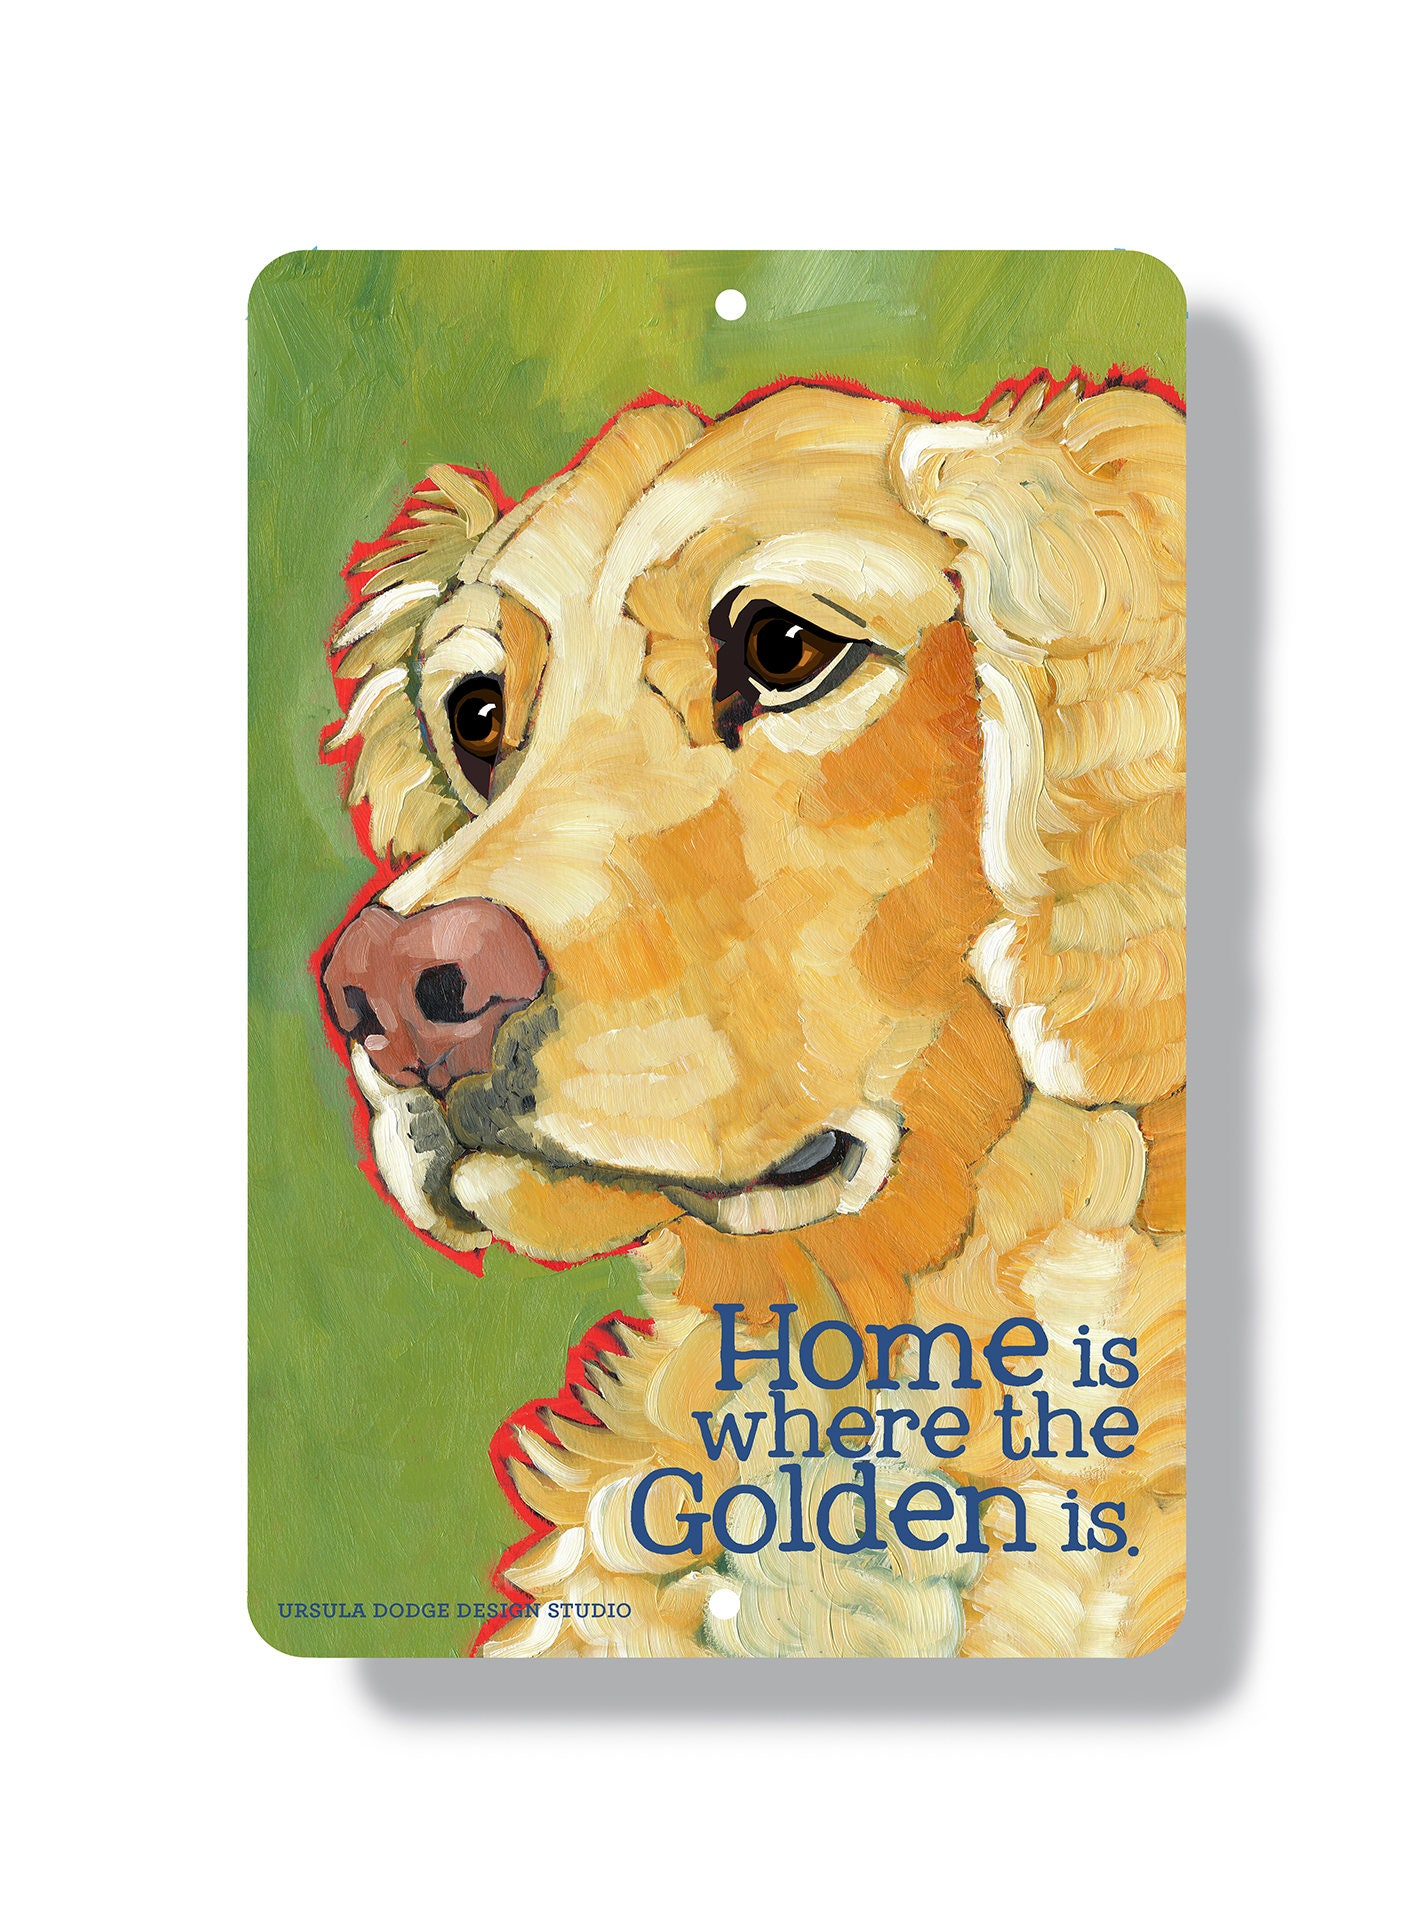 Golden retriever metal sign golden wall art golden home | Etsy